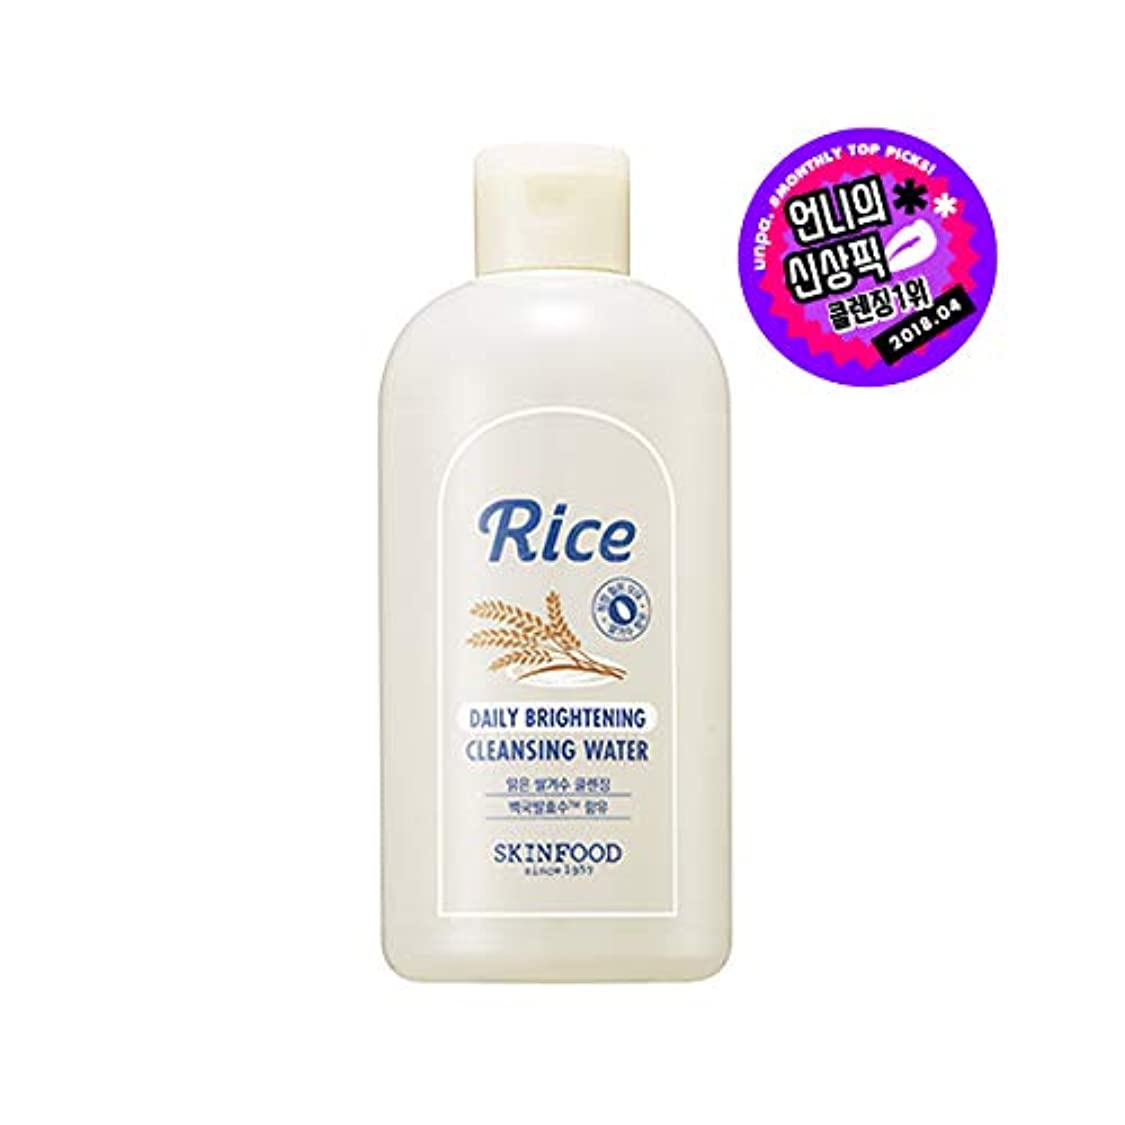 積分リーフレット地理Skinfood/Rice Daily Brightening Mask Cleansing Water/ライスデイリーブライトニングマスククレンジングウォーター/300ml [並行輸入品]